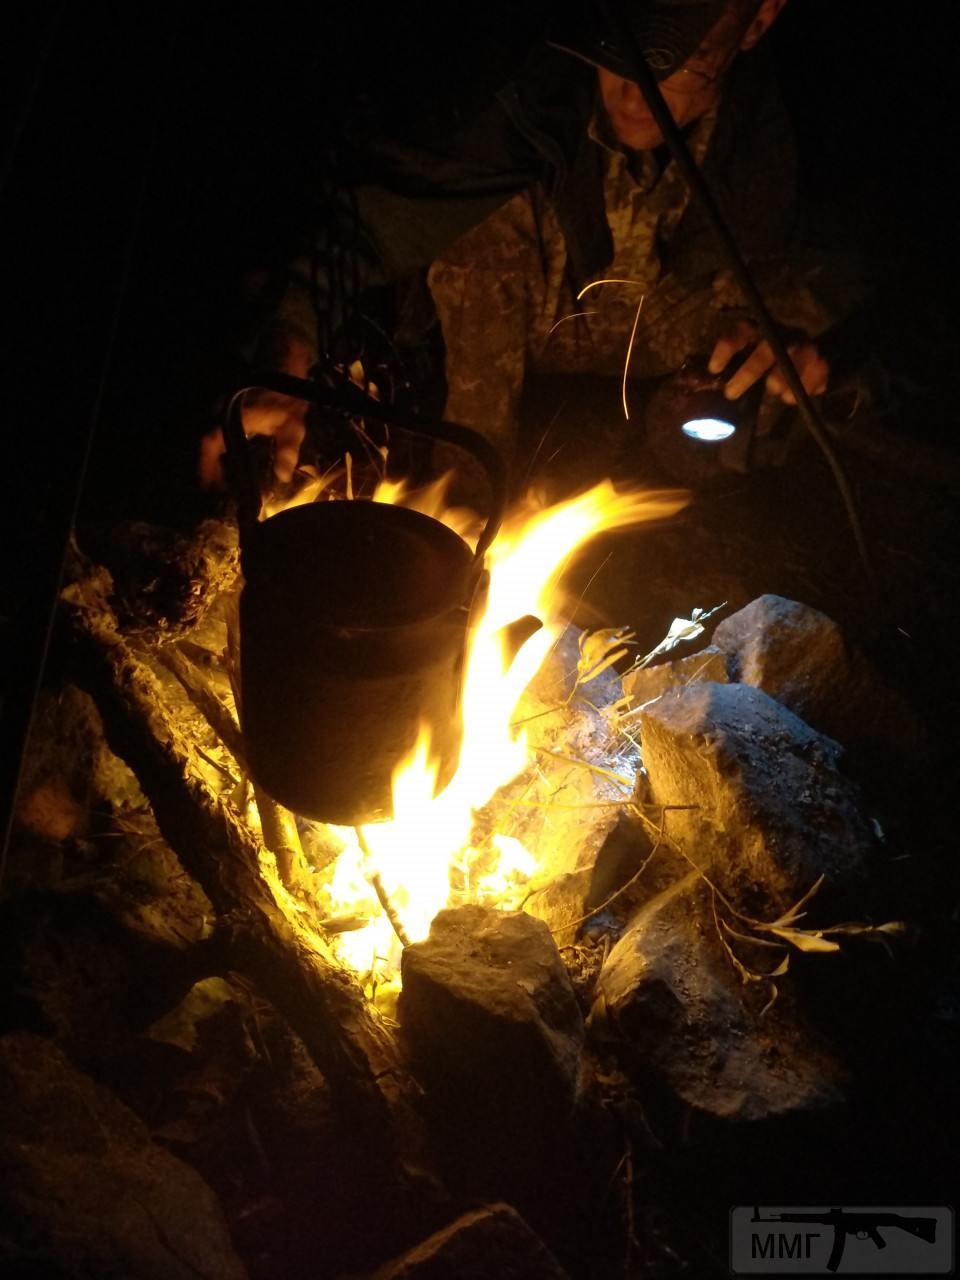 74273 - Закуски на огне (мангал, барбекю и т.д.) и кулинария вообще. Советы и рецепты.